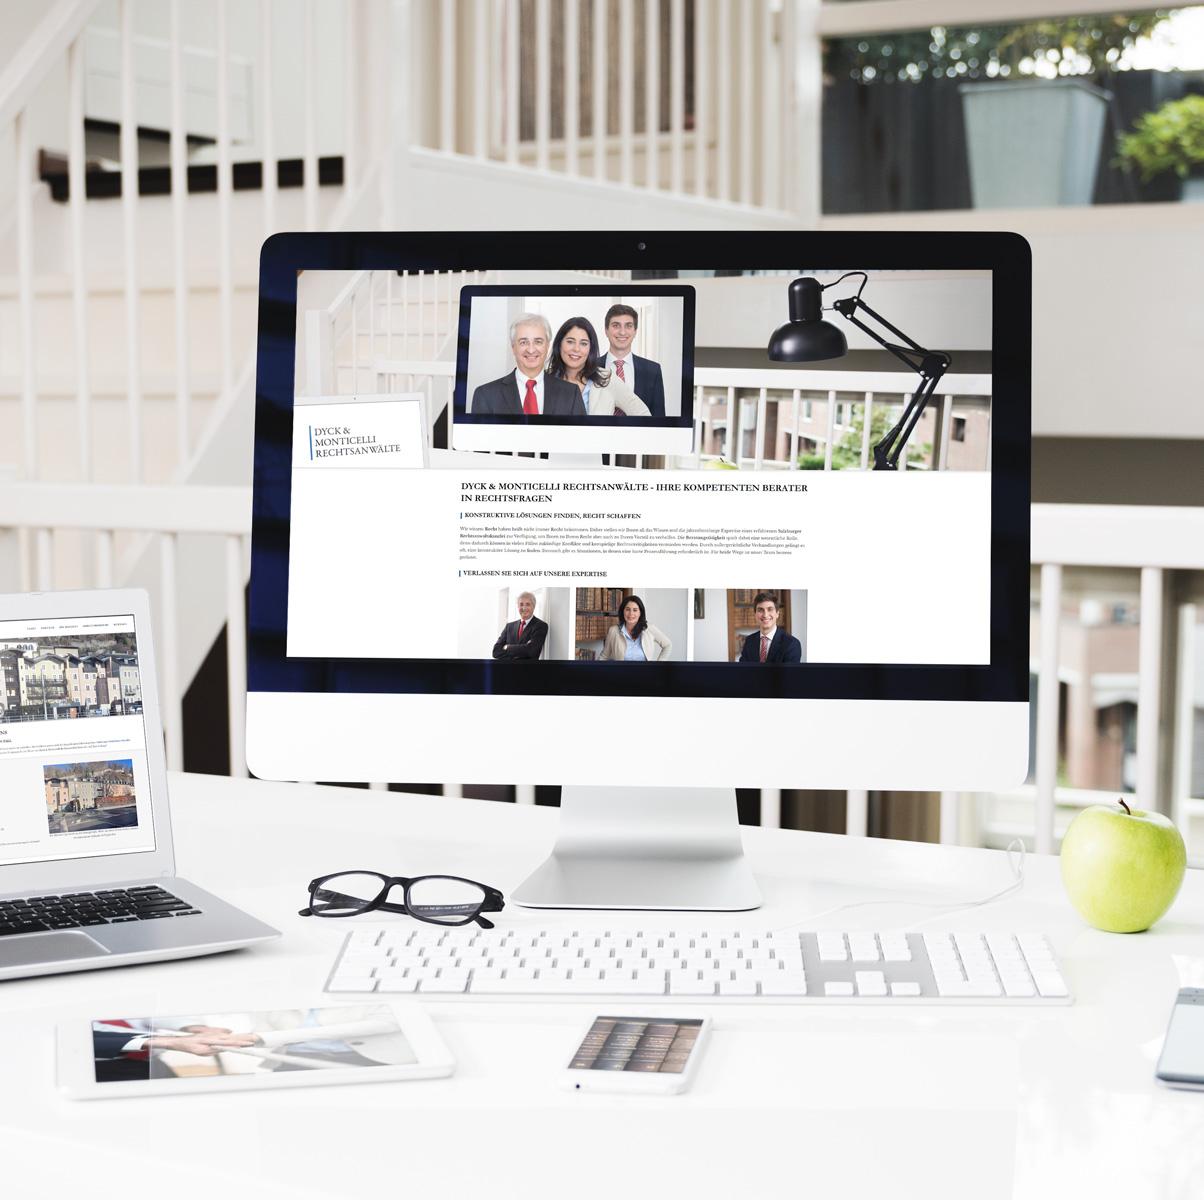 Firmenwebsite